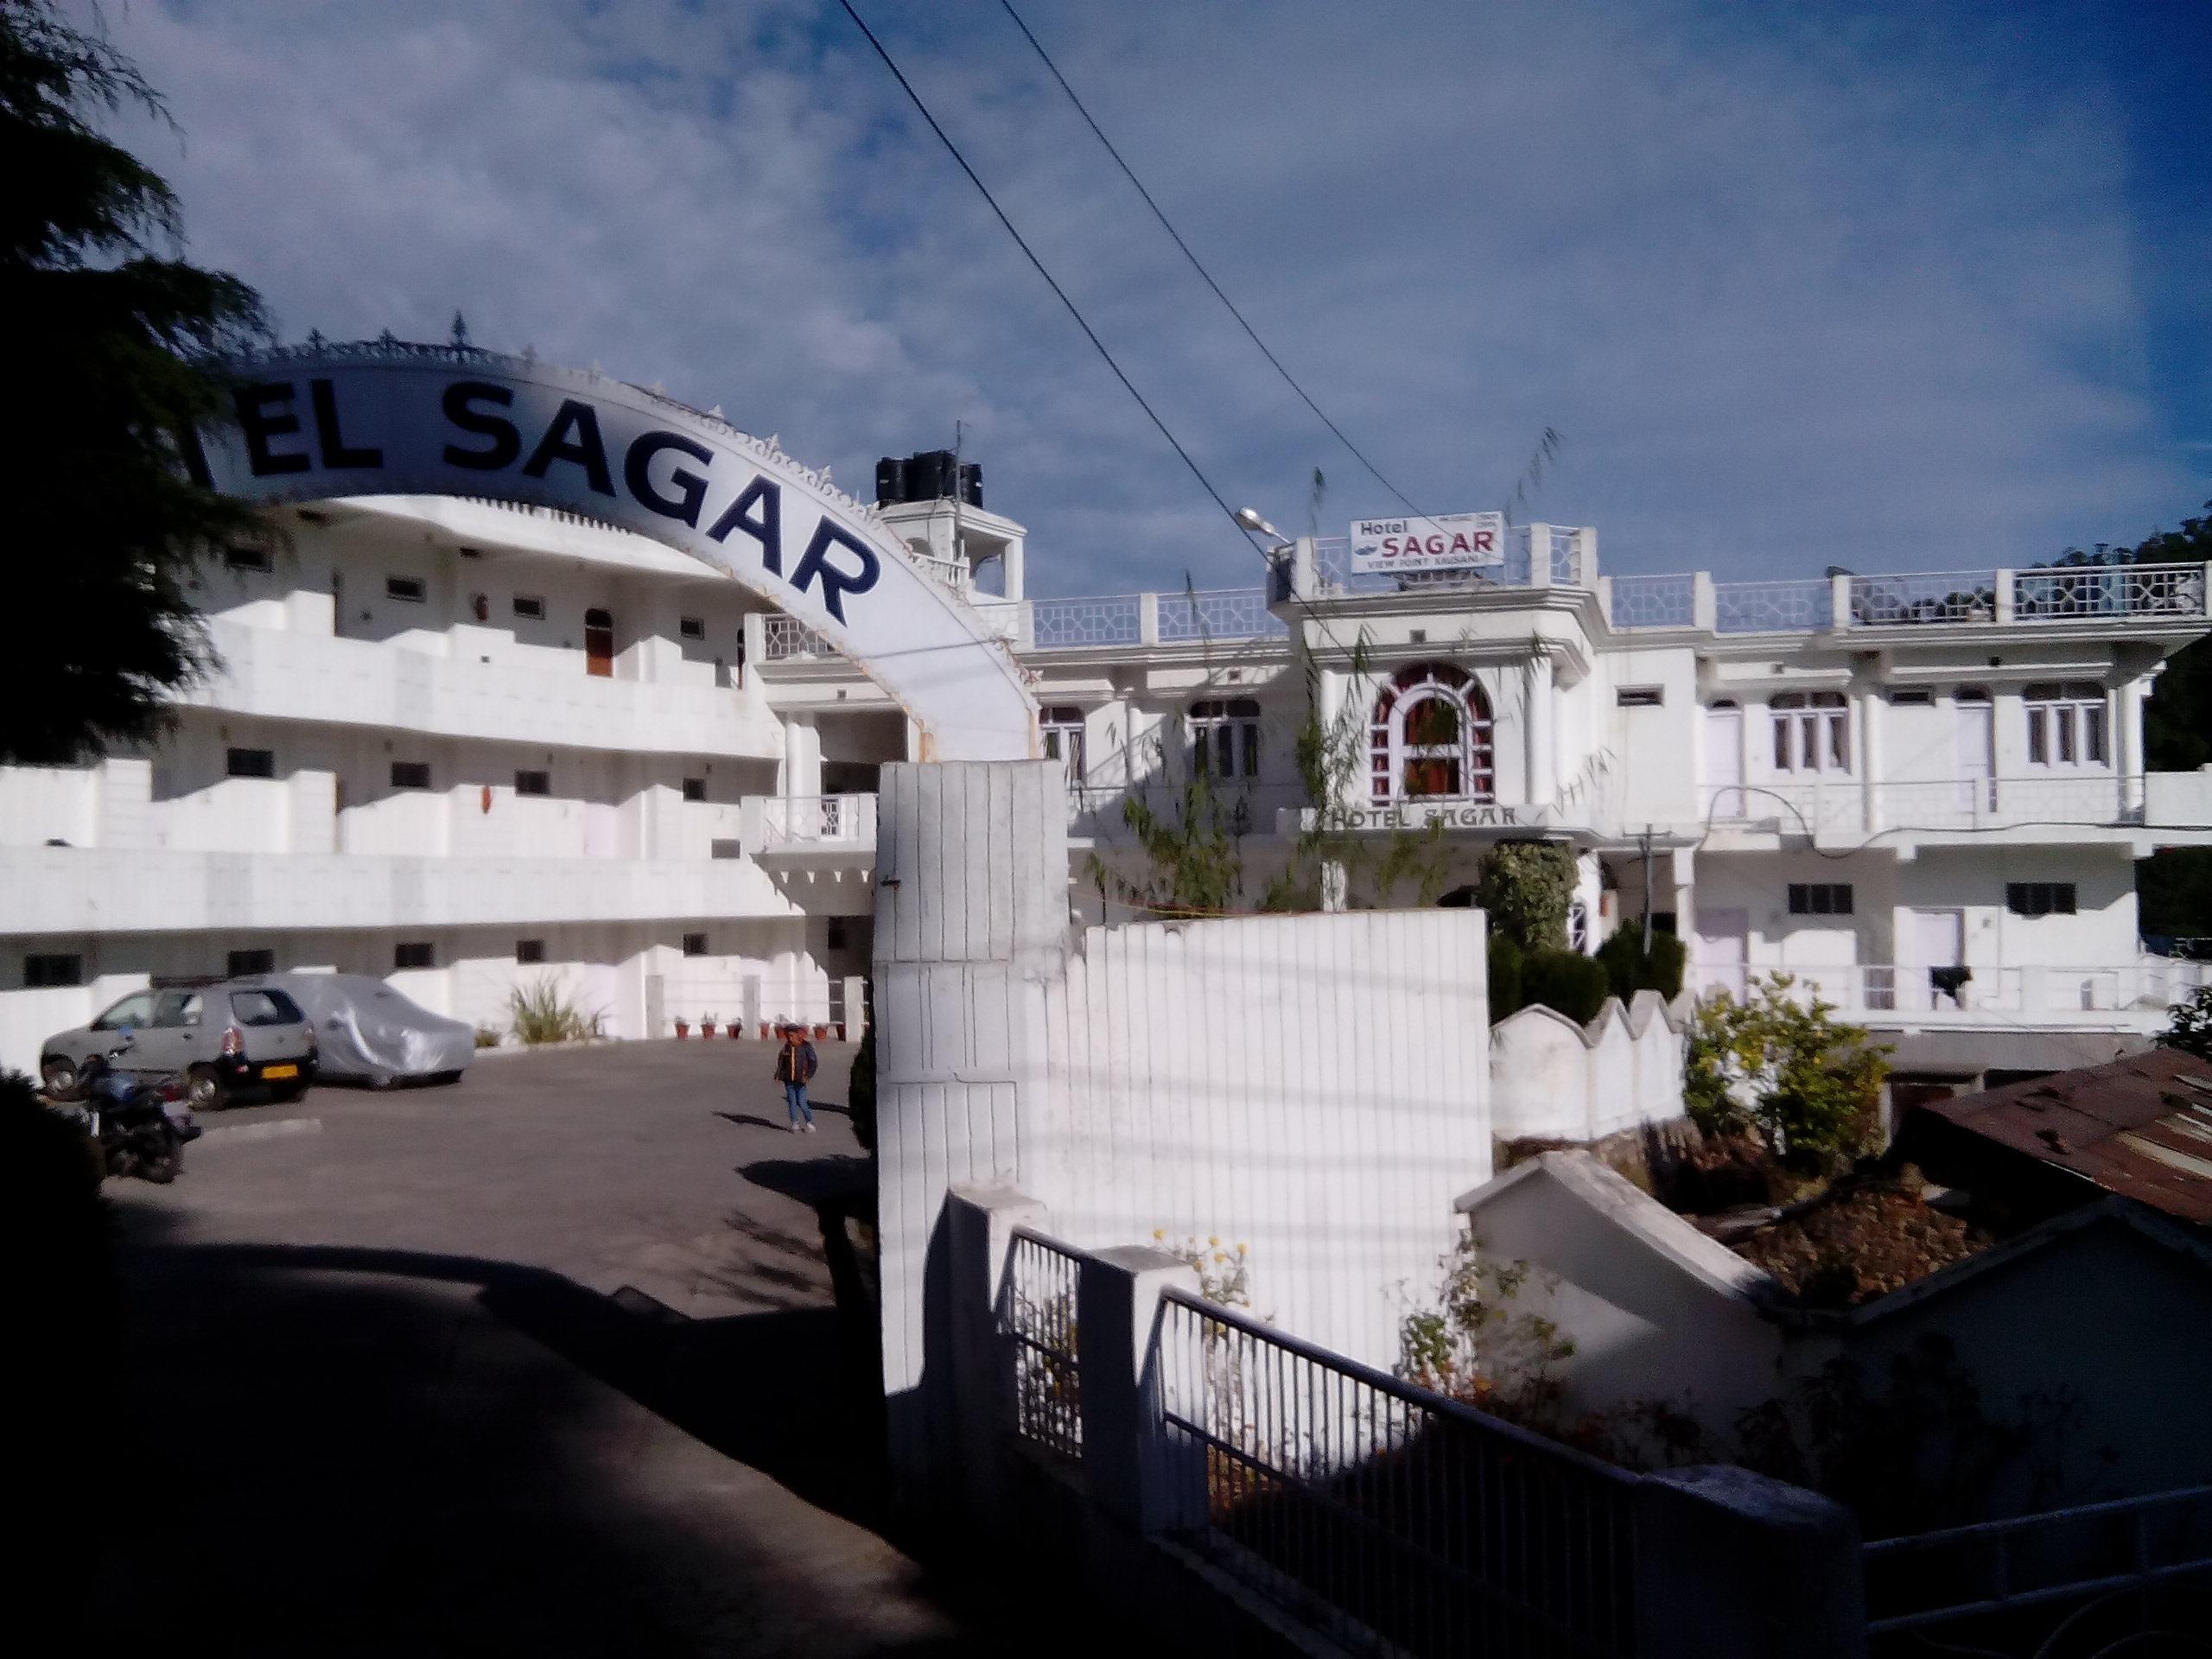 Hotel Sagar in Kausani